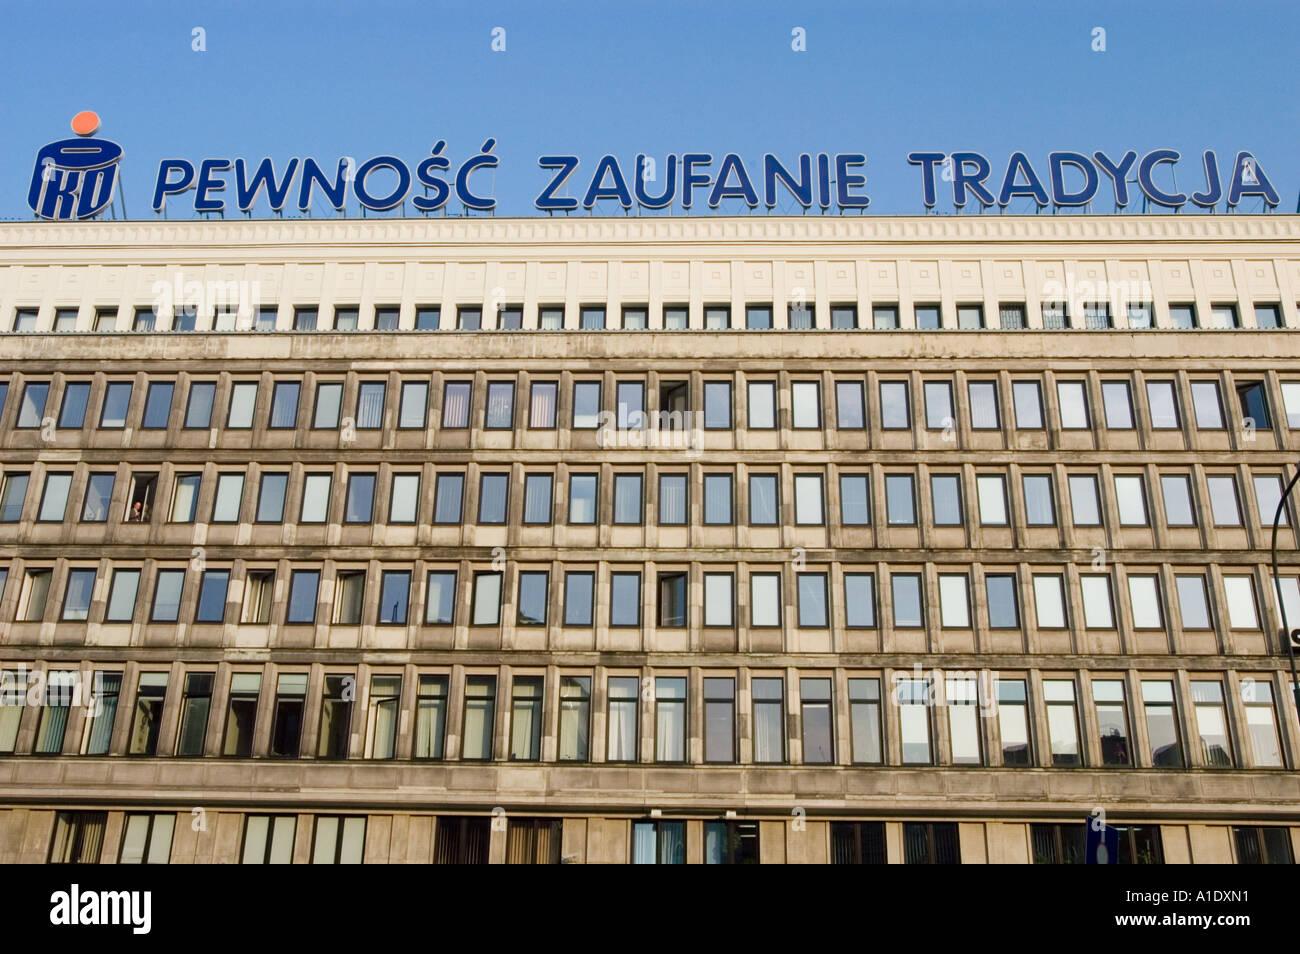 Façade de la compagnie d'assurance PZU bâtiments polonais Central Warsaw Mazowieckie Pologne Mazowsze Banque D'Images